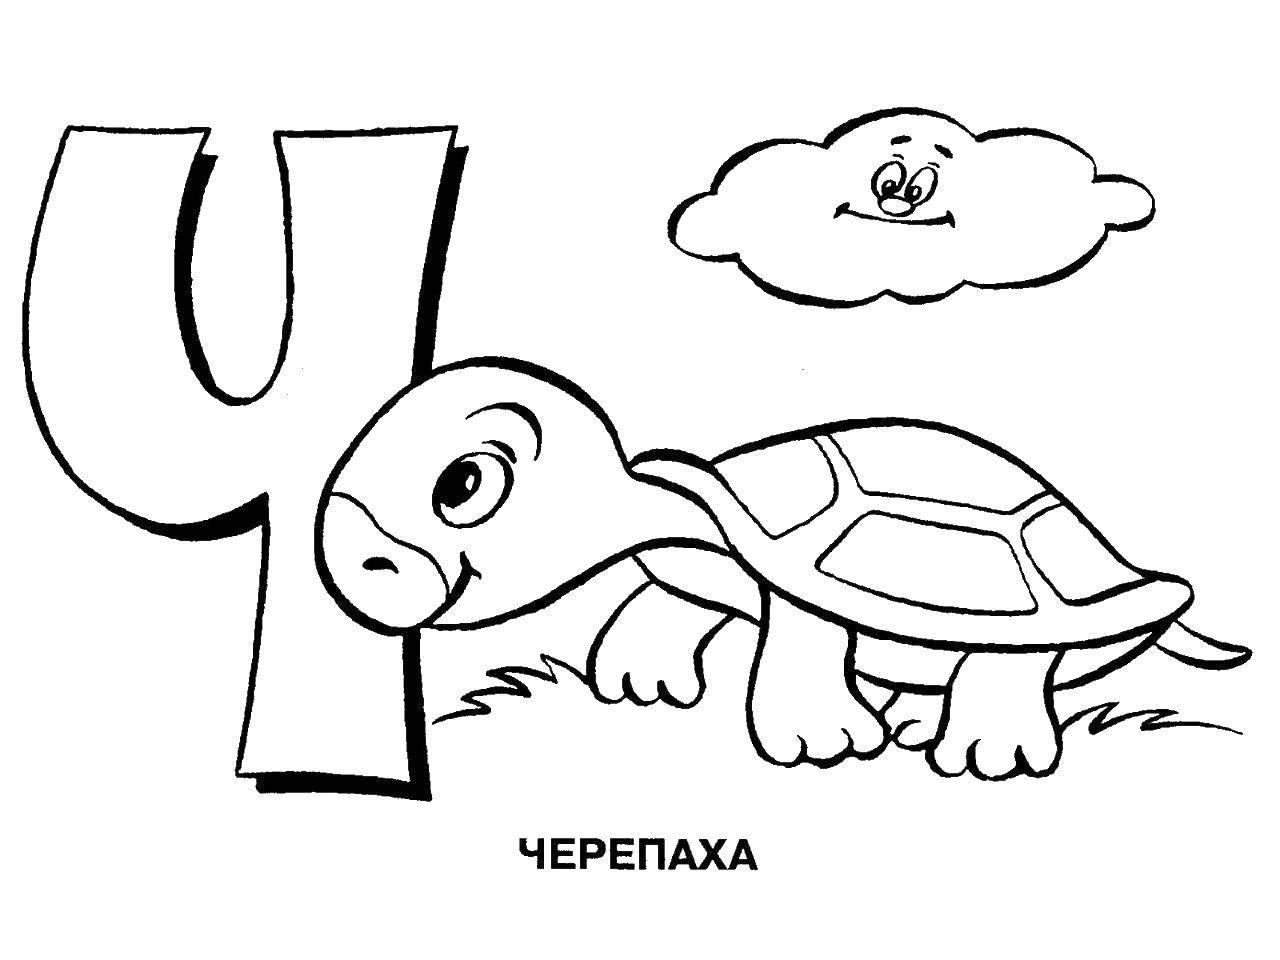 Раскраска Черепаха на букву ч. Скачать алфавит, черепаха.  Распечатать ,алфавит,